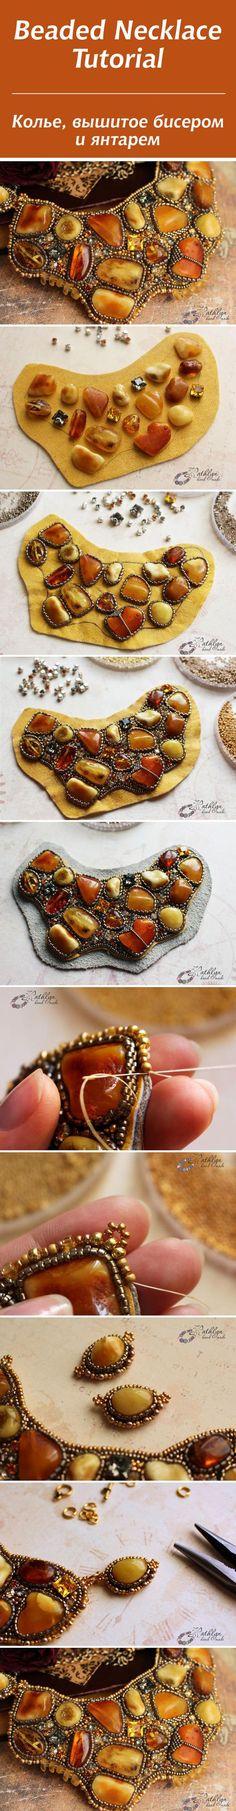 Beaded amber necklace tutorial / Мастер-класс: вышиваем бисером янтарное колье «медовые леденцы»